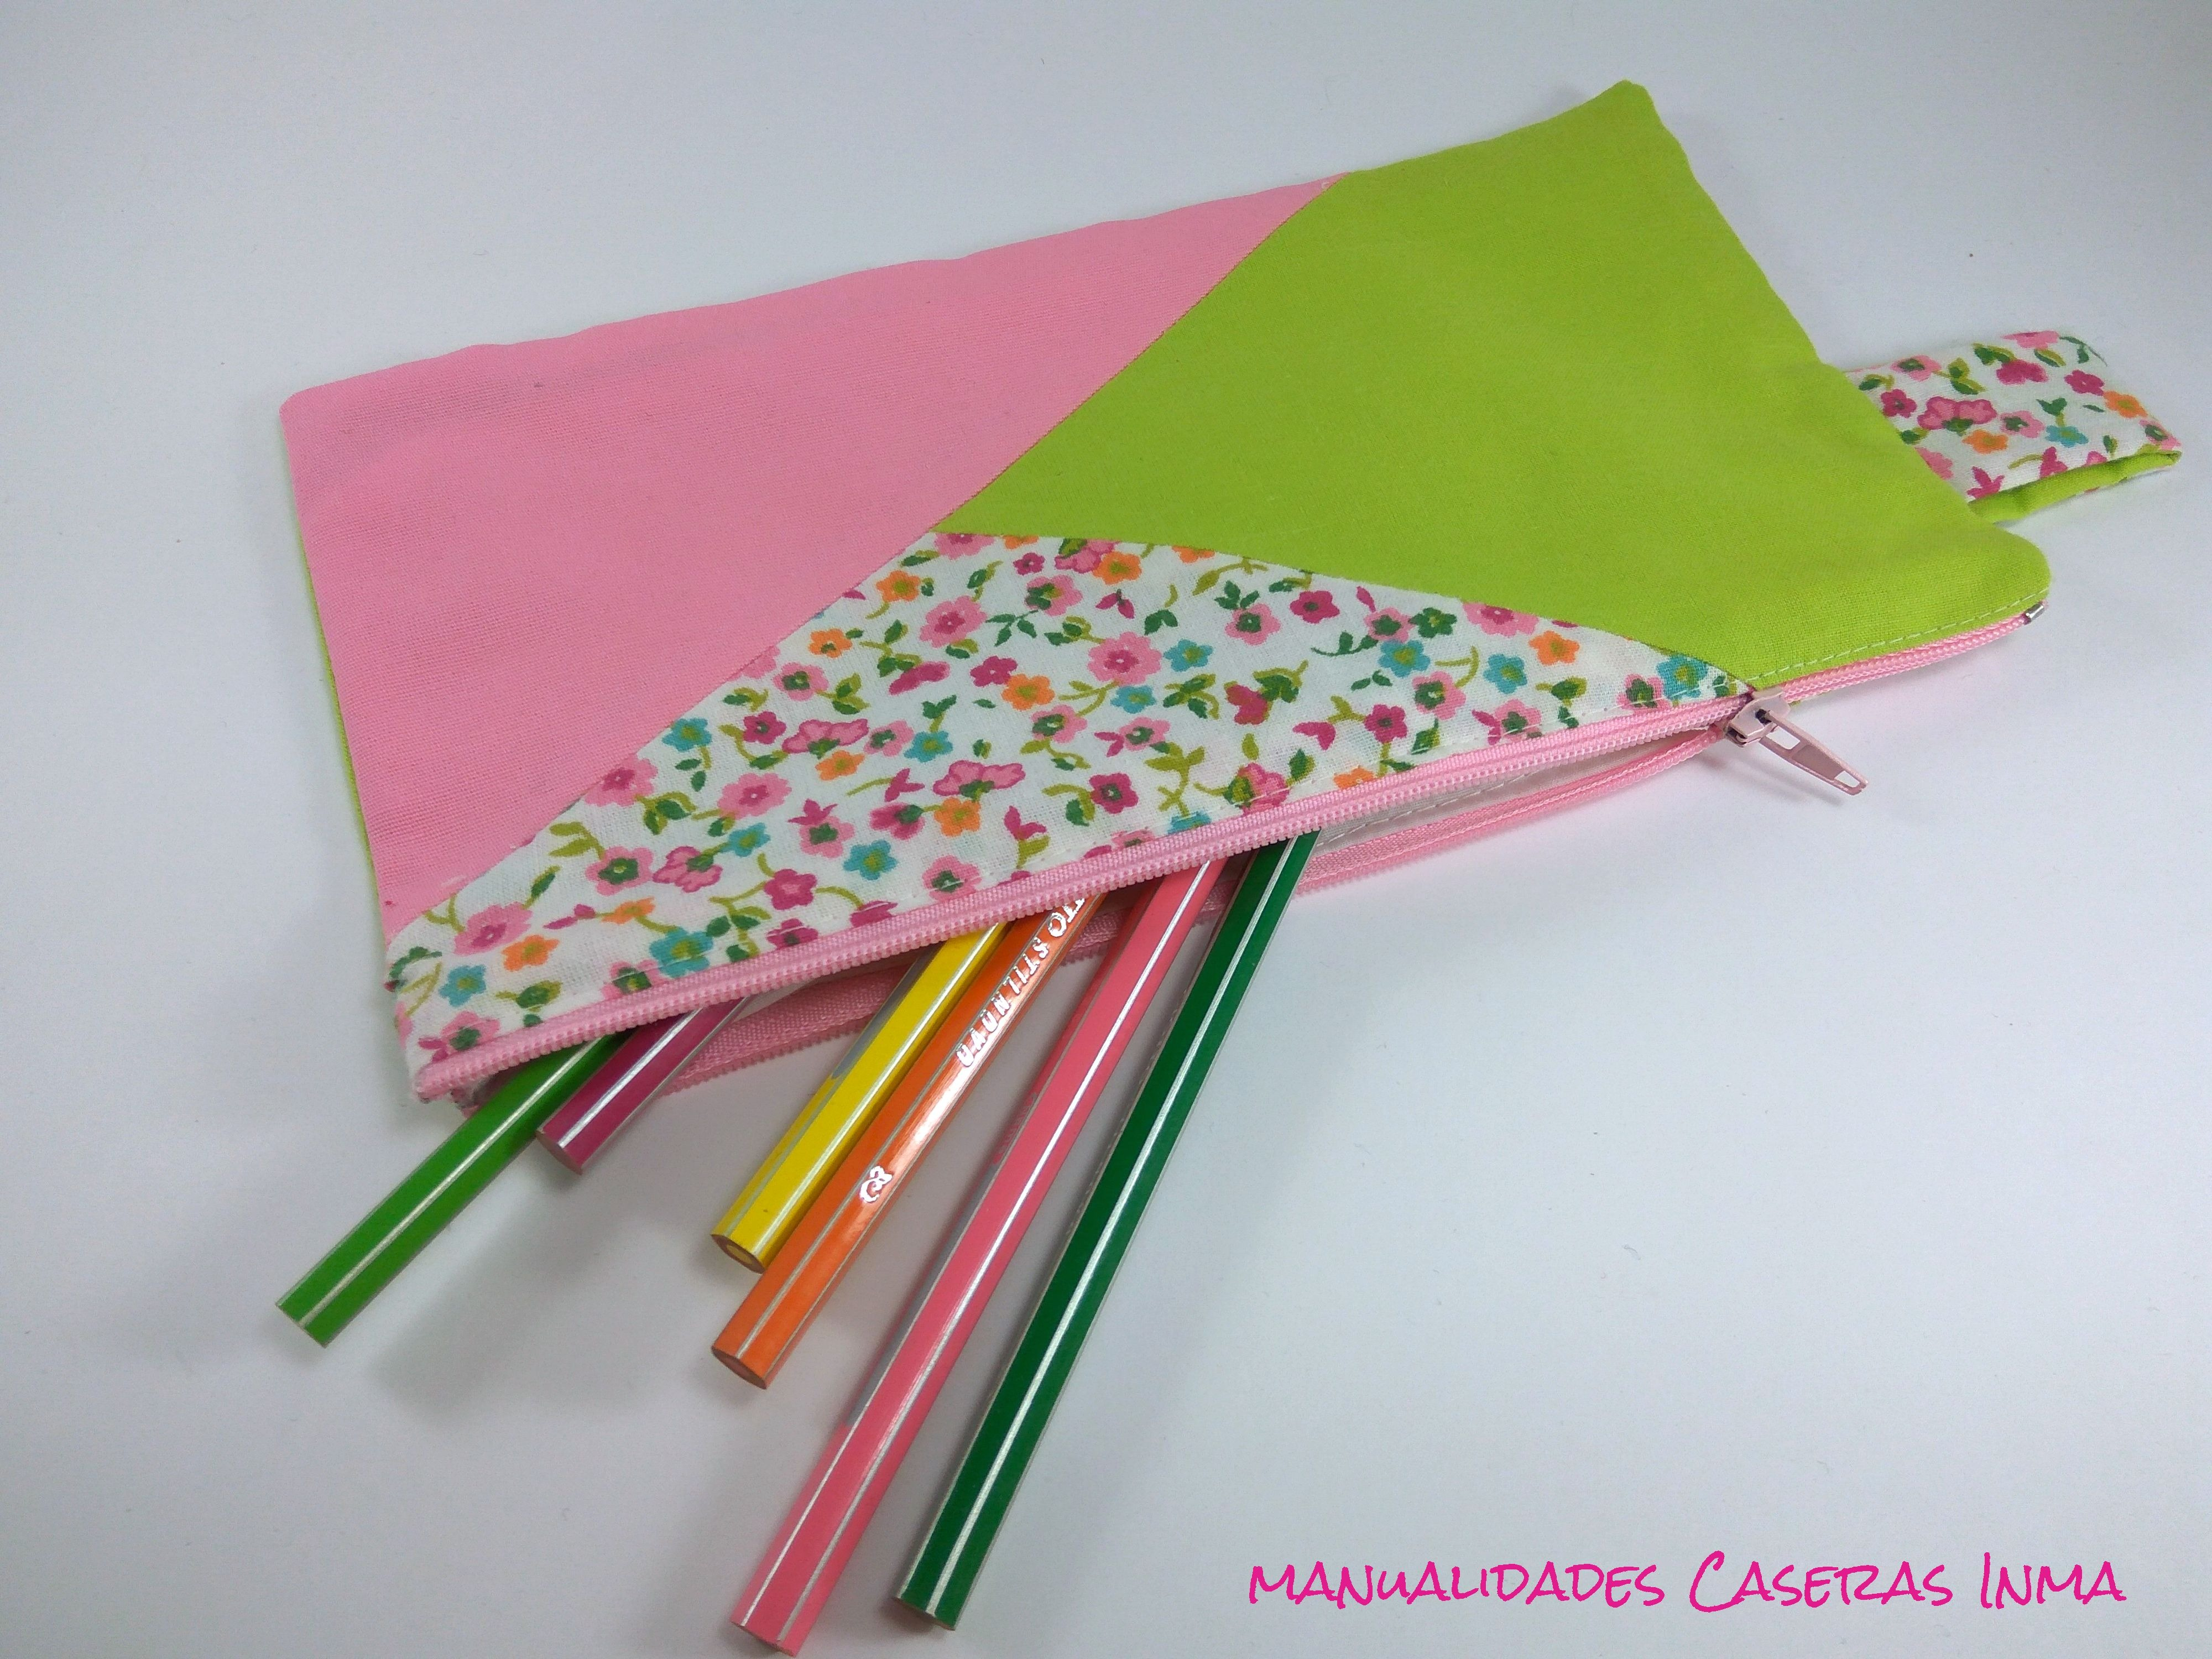 Manualidades Caseras Inma_ Estuche escolar hecho te telas verde, rosa y flores